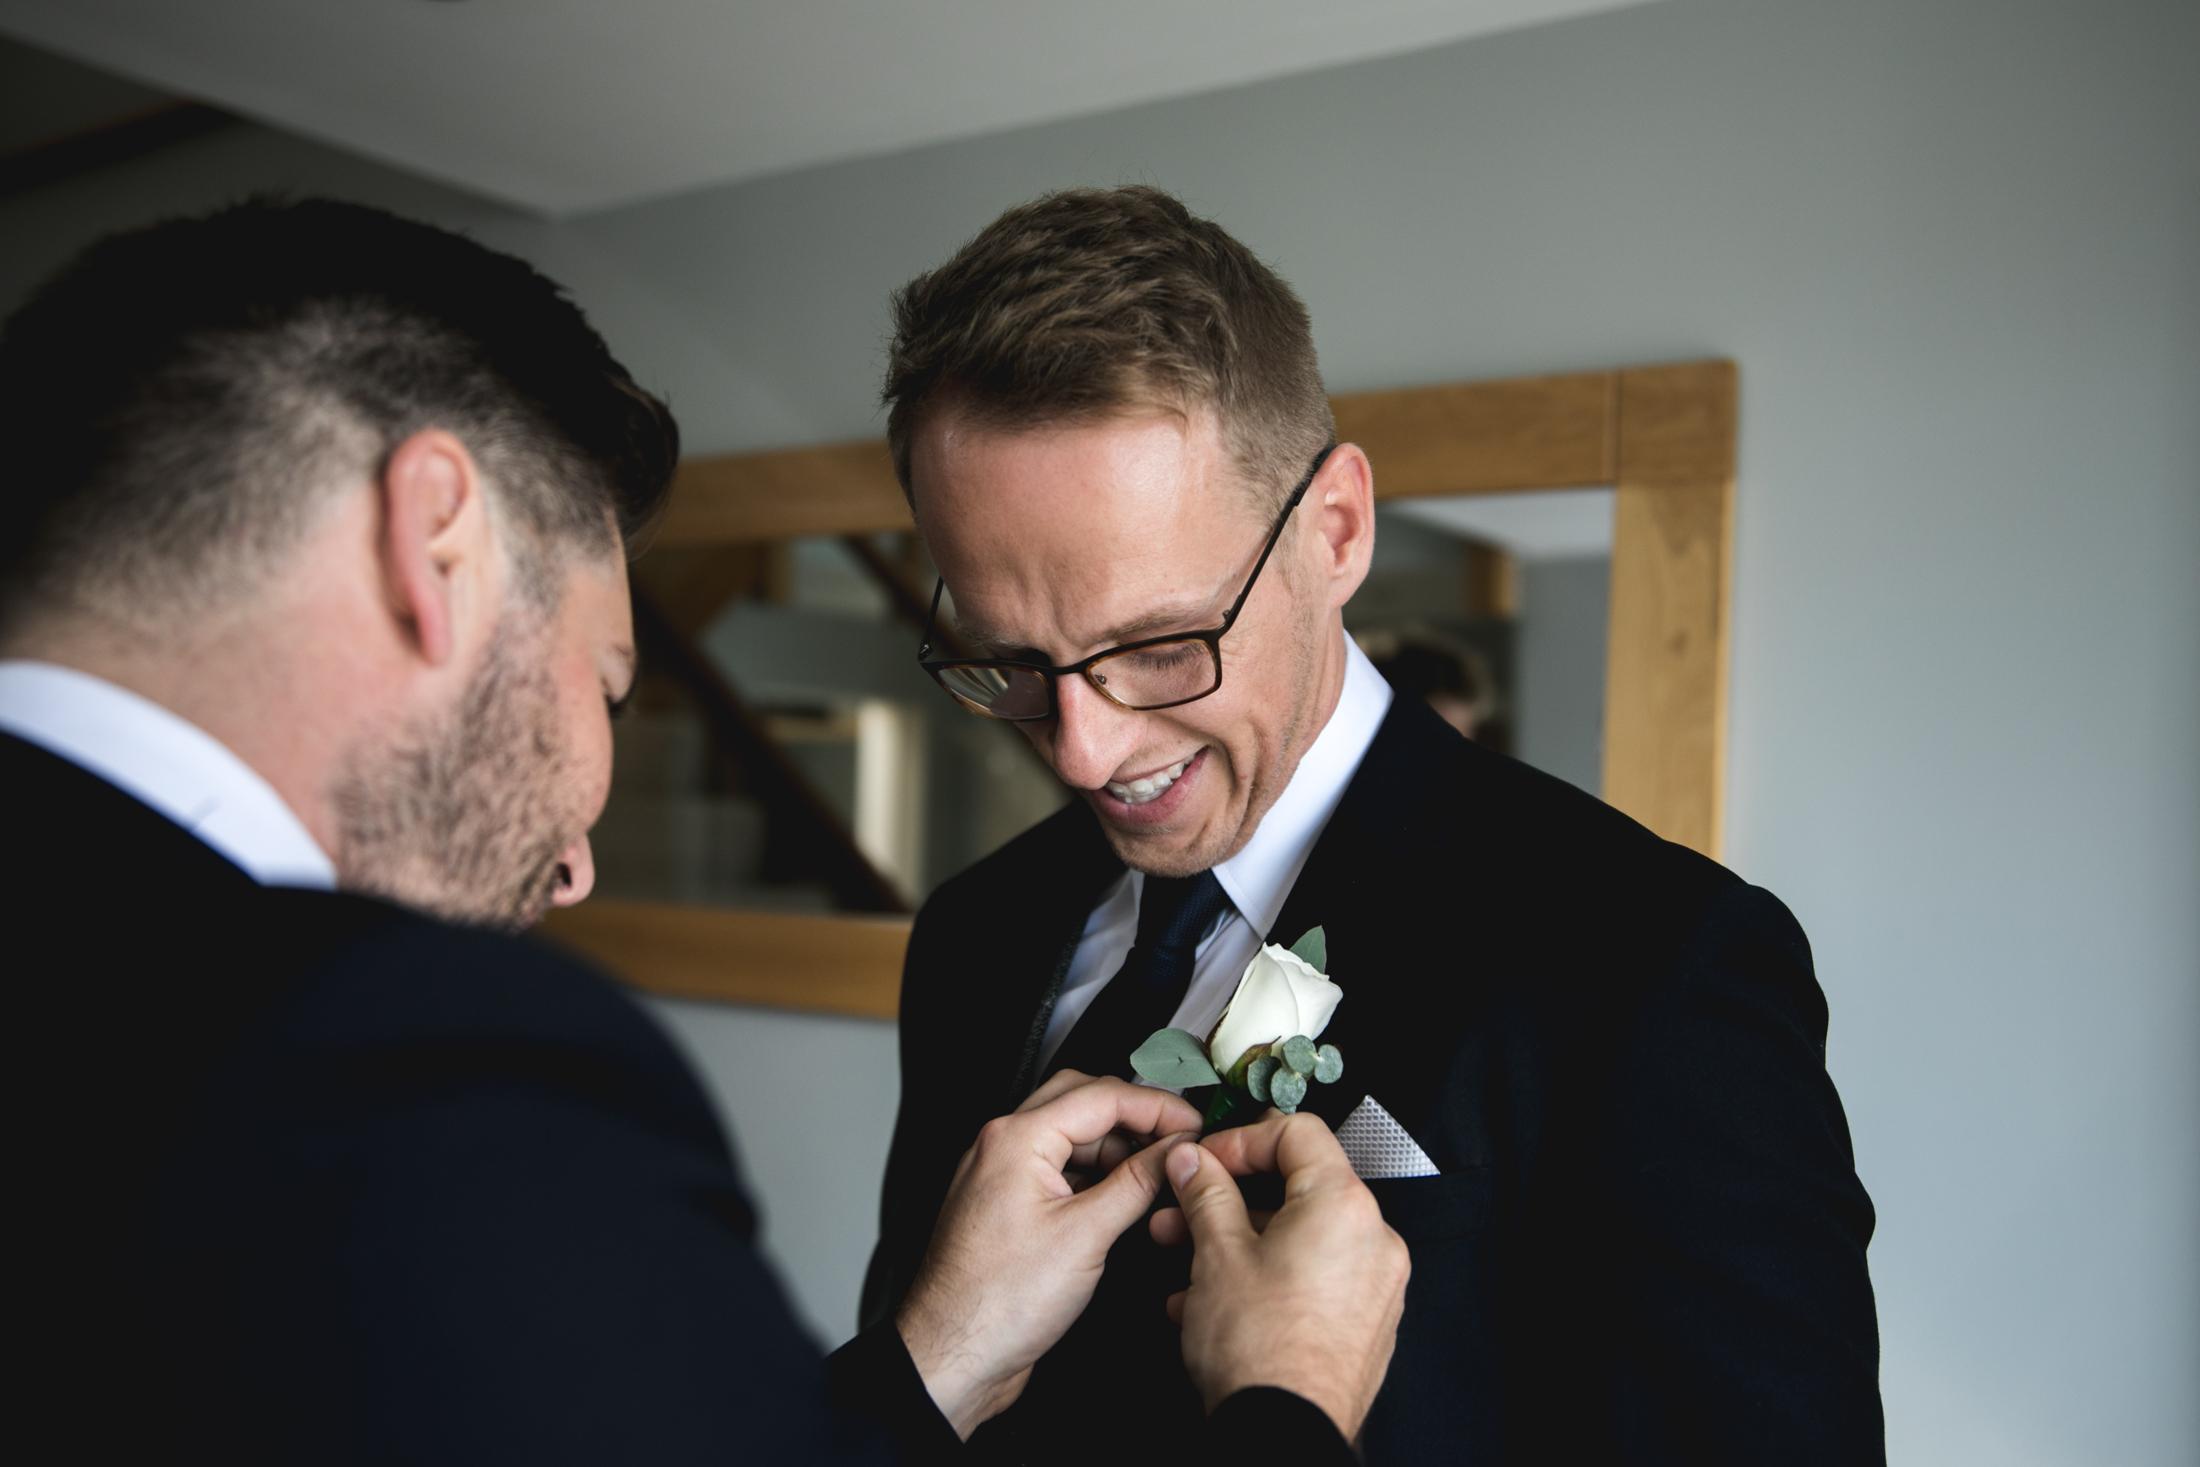 EDEN BARN WEDDING PHOTOGRAPHER-3.jpg